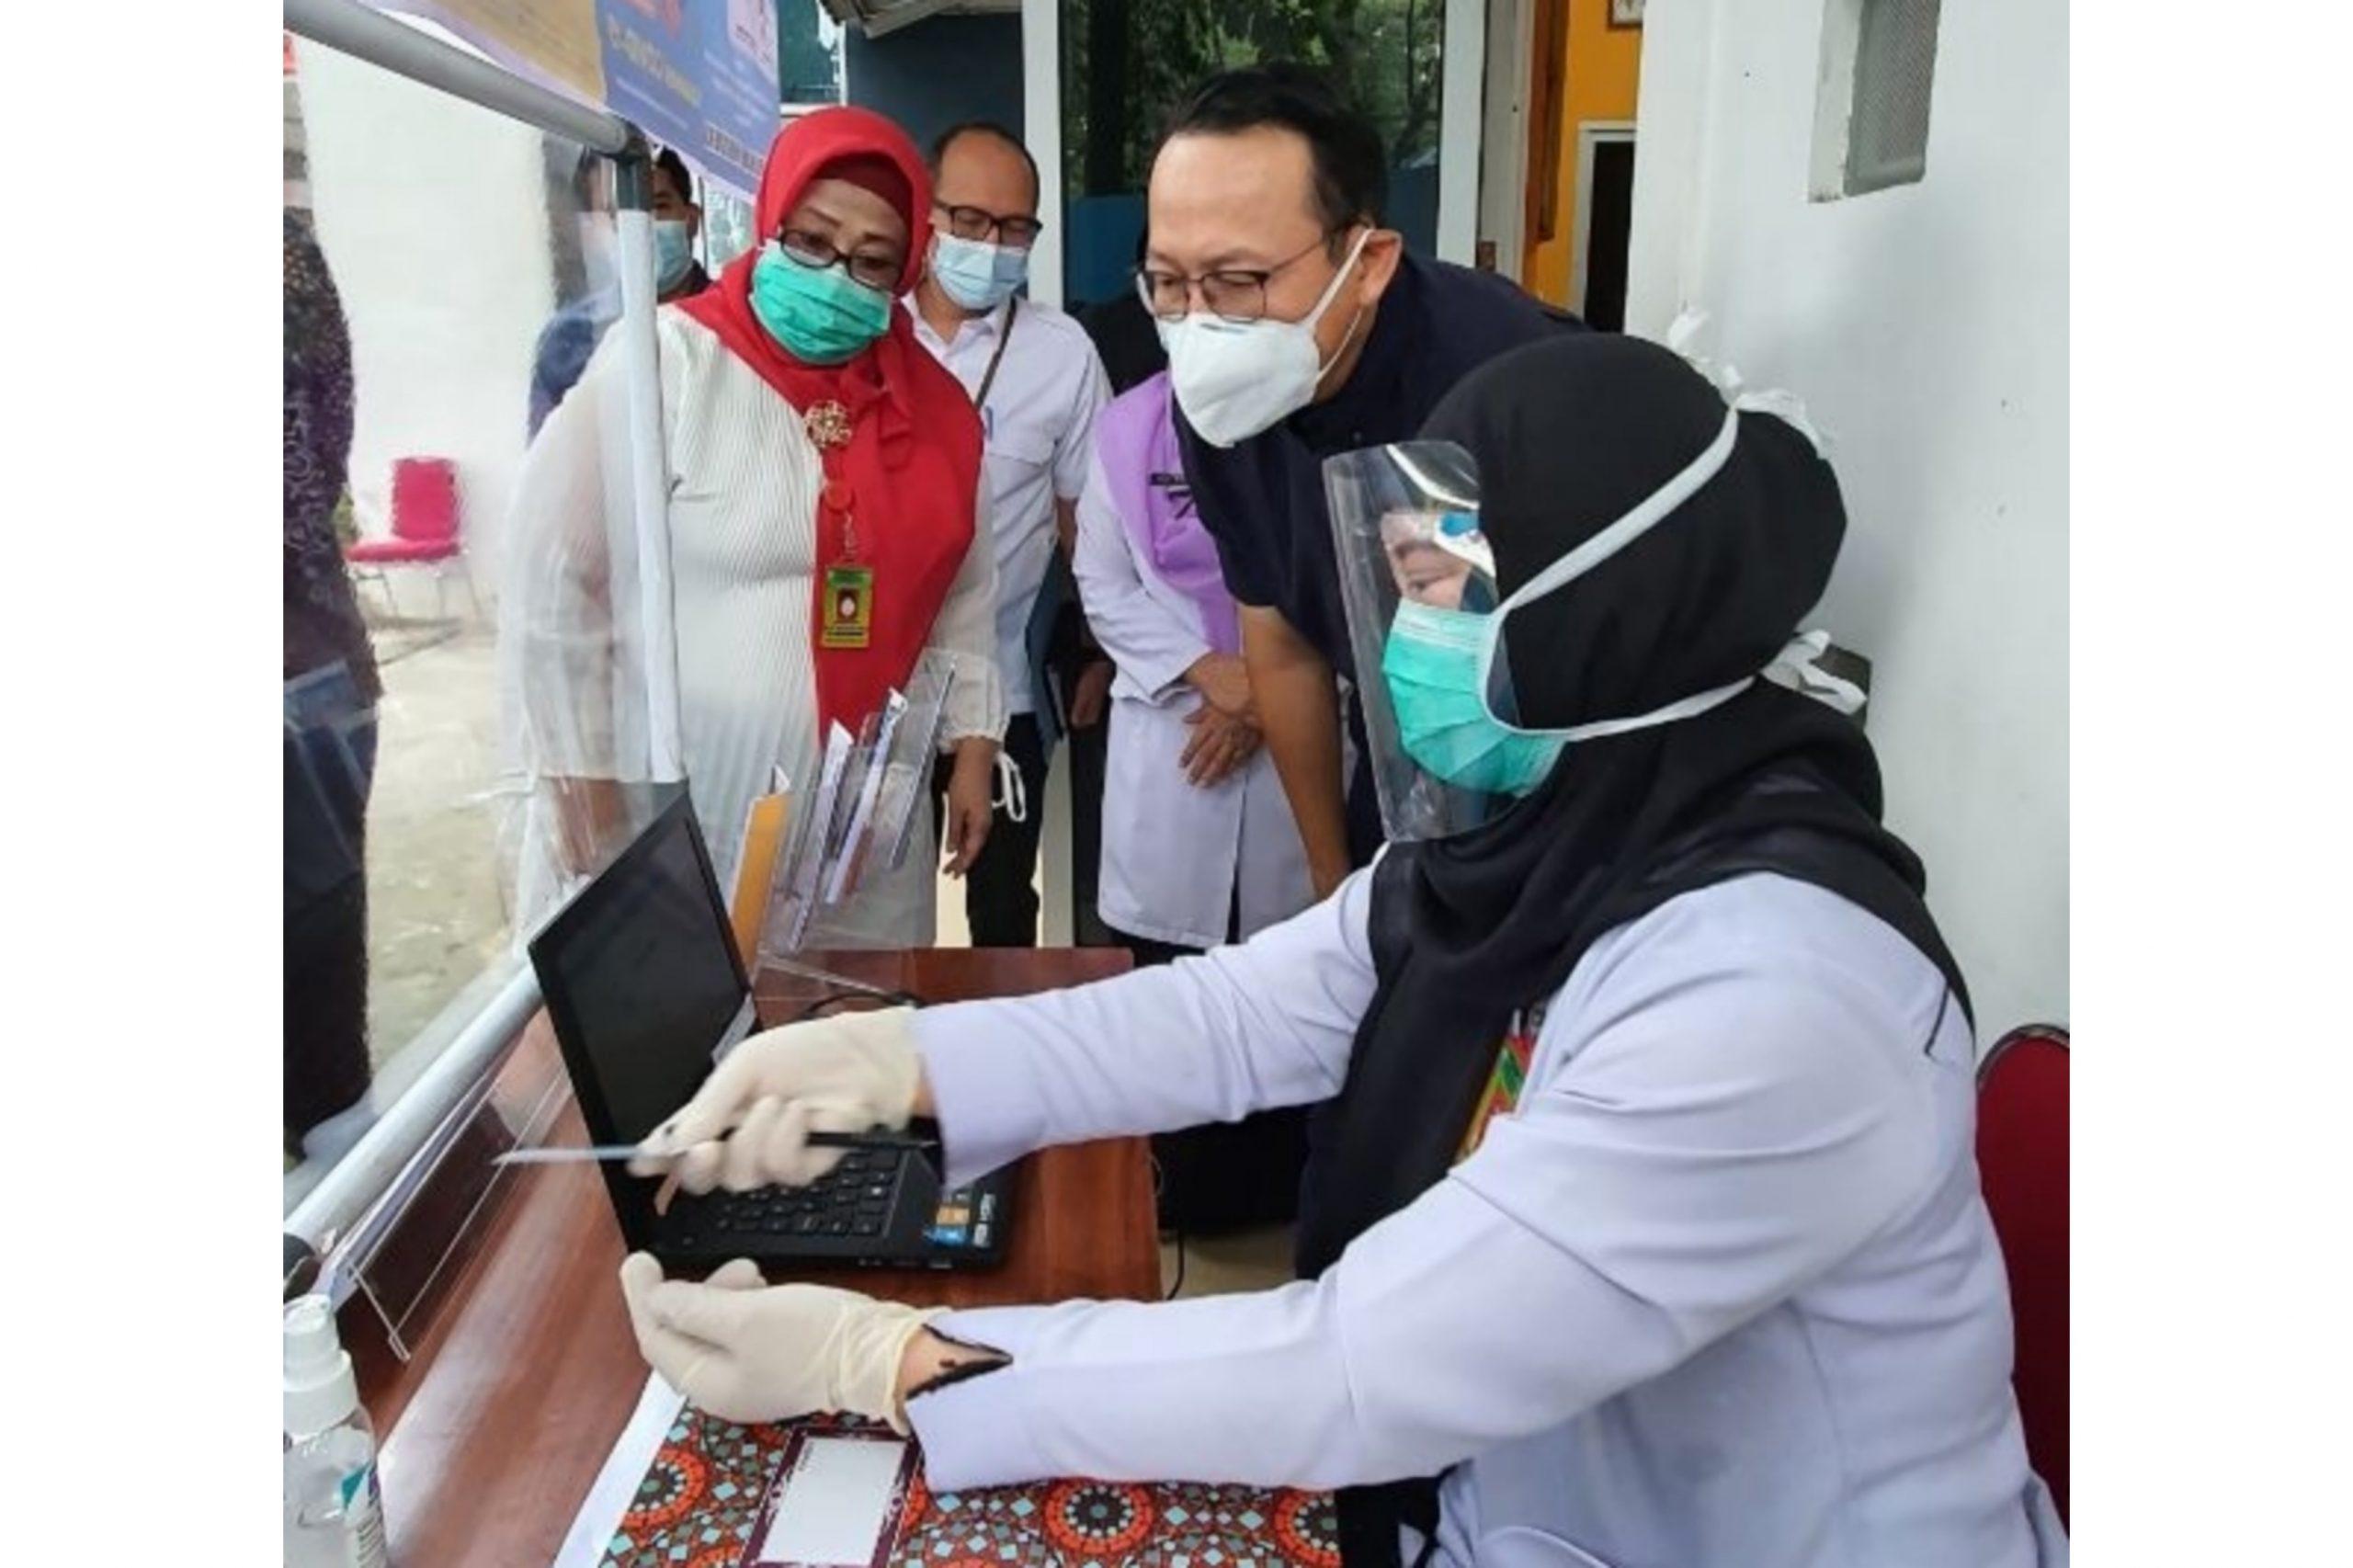 Keterangan gambar : Dirut BPJS Kesehatan, Fachmi Idris (dua dari depan) saat tinjau langsung kegiatan vaksinasi Covid-19 untuk Nakes di Puskesmas Merdeka Palembang. (Foto : istimewa)